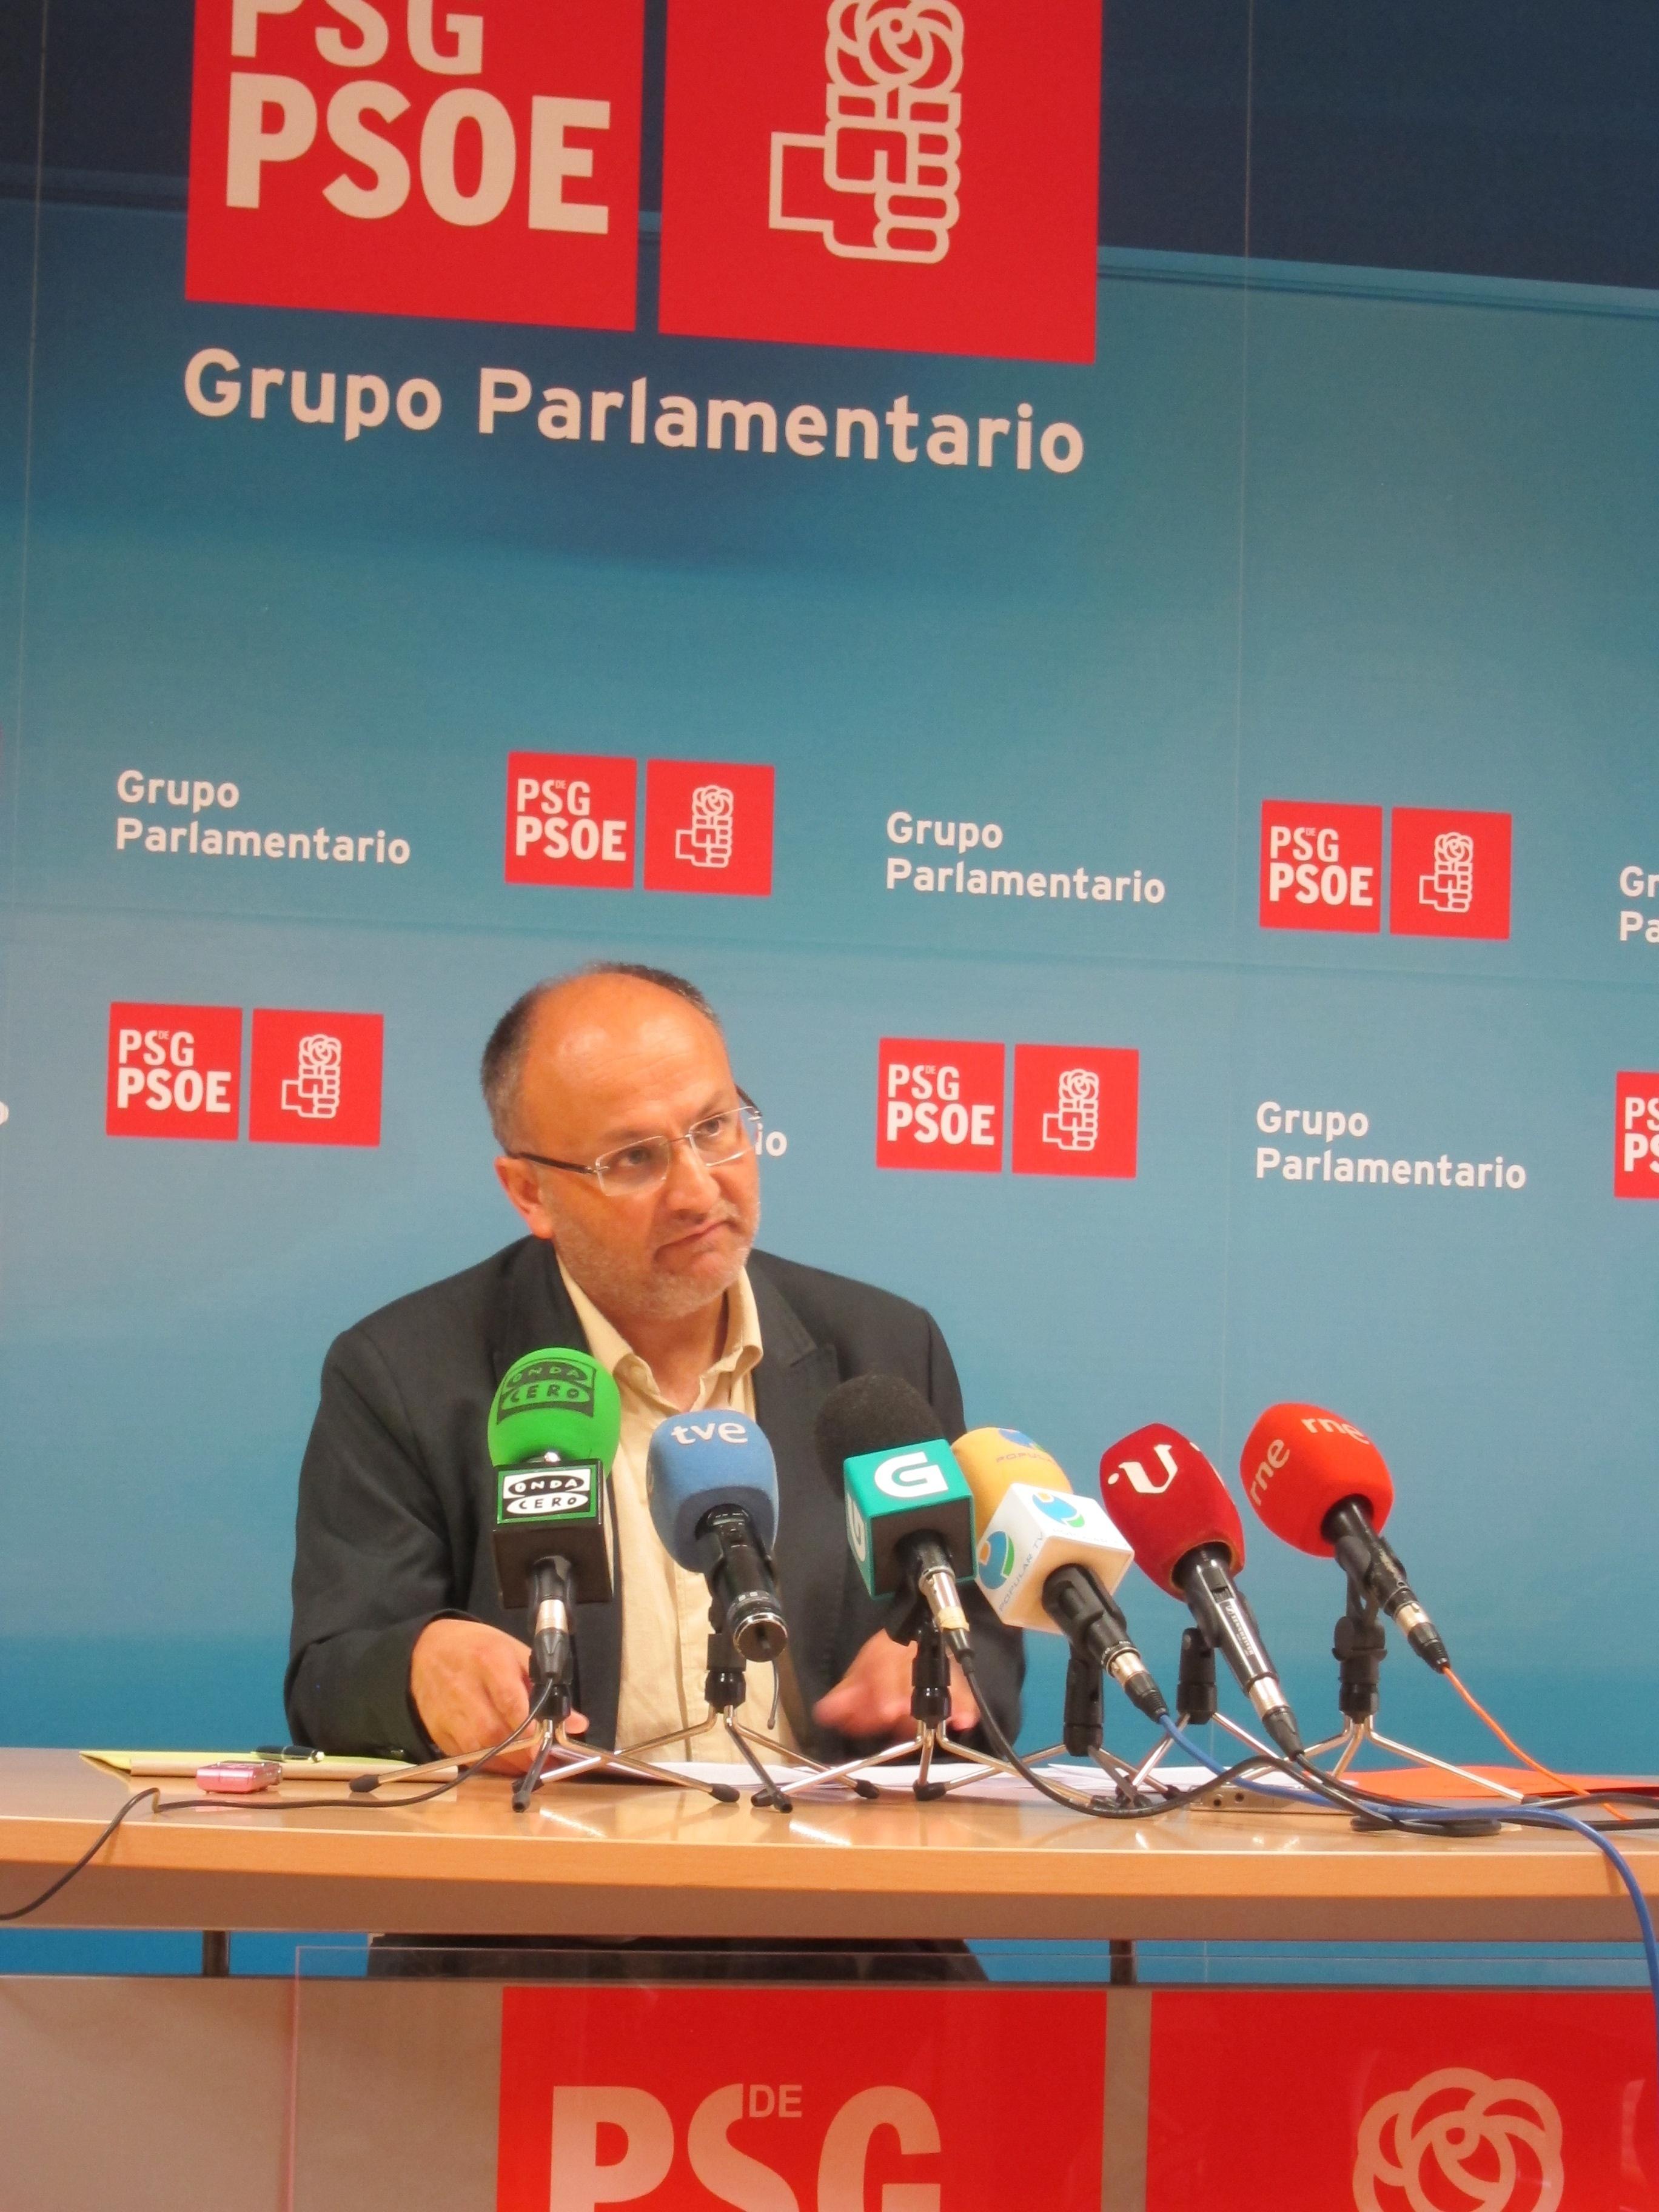 El PSdeG vuelve a pedir la comparecencia de Feijóo para abordar la relación de la Xunta con empresas de Marcial Dorado